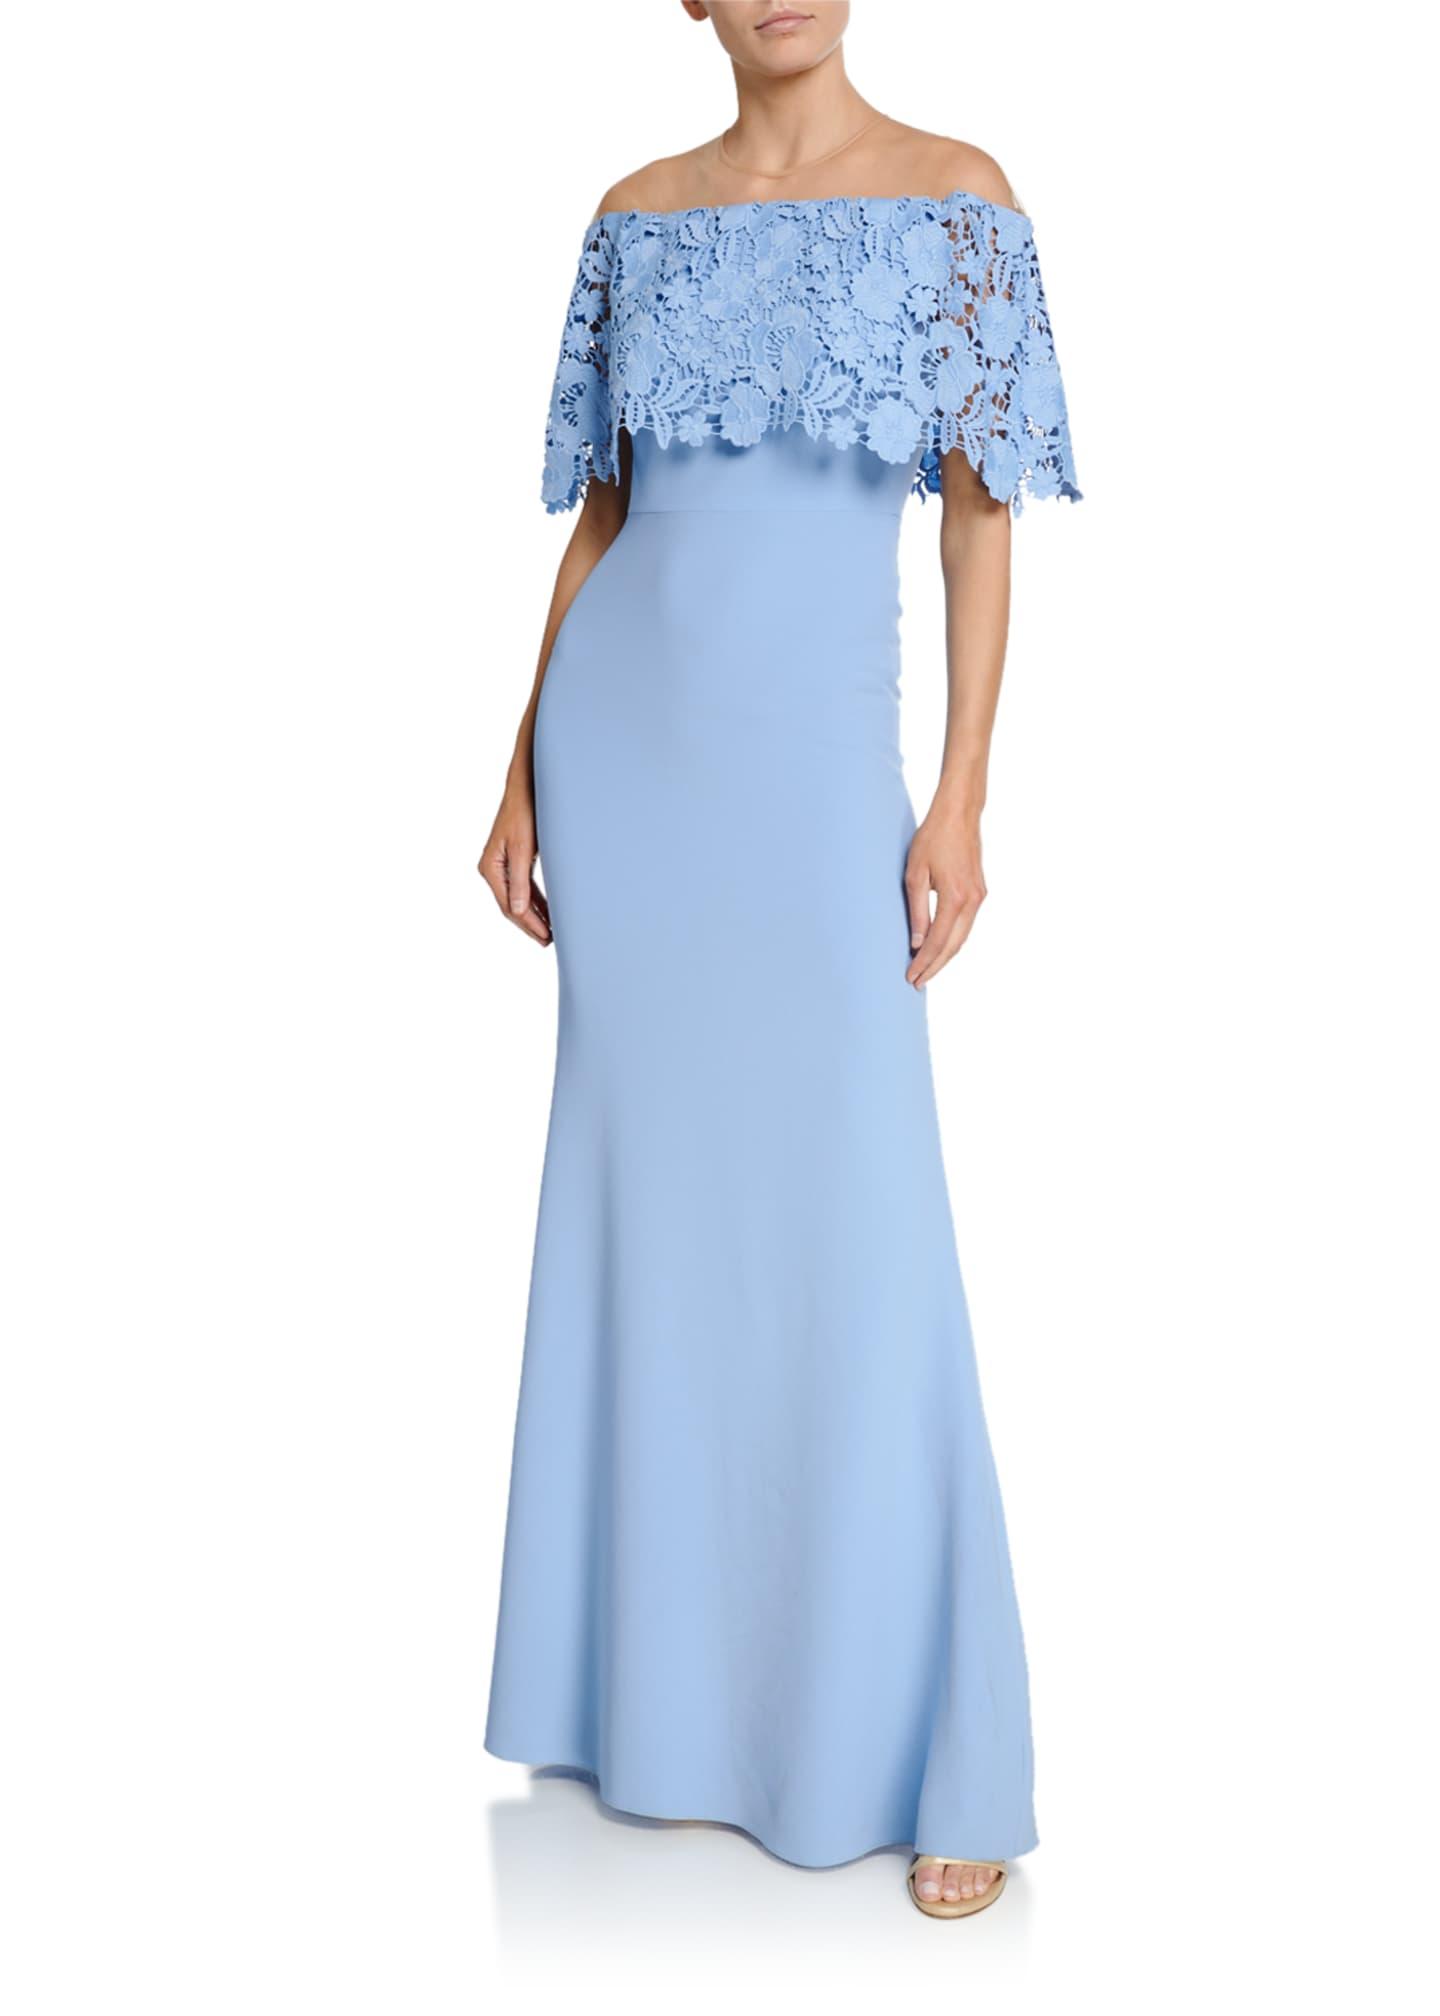 Lela Rose Lace Capelet Gown